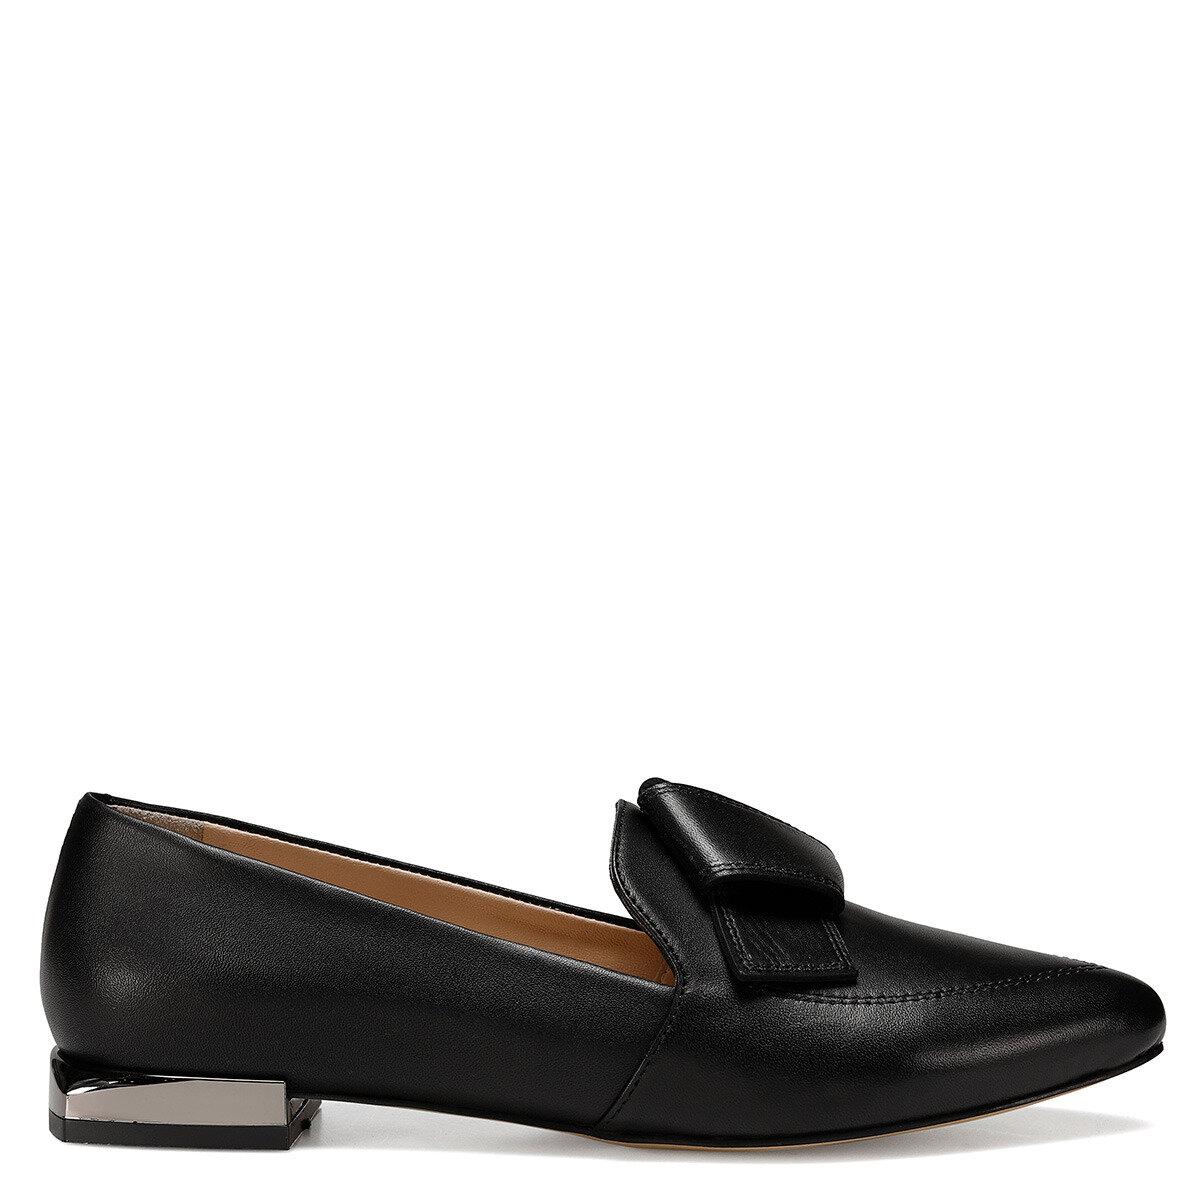 GALE Siyah Kadın Loafer Ayakkabı